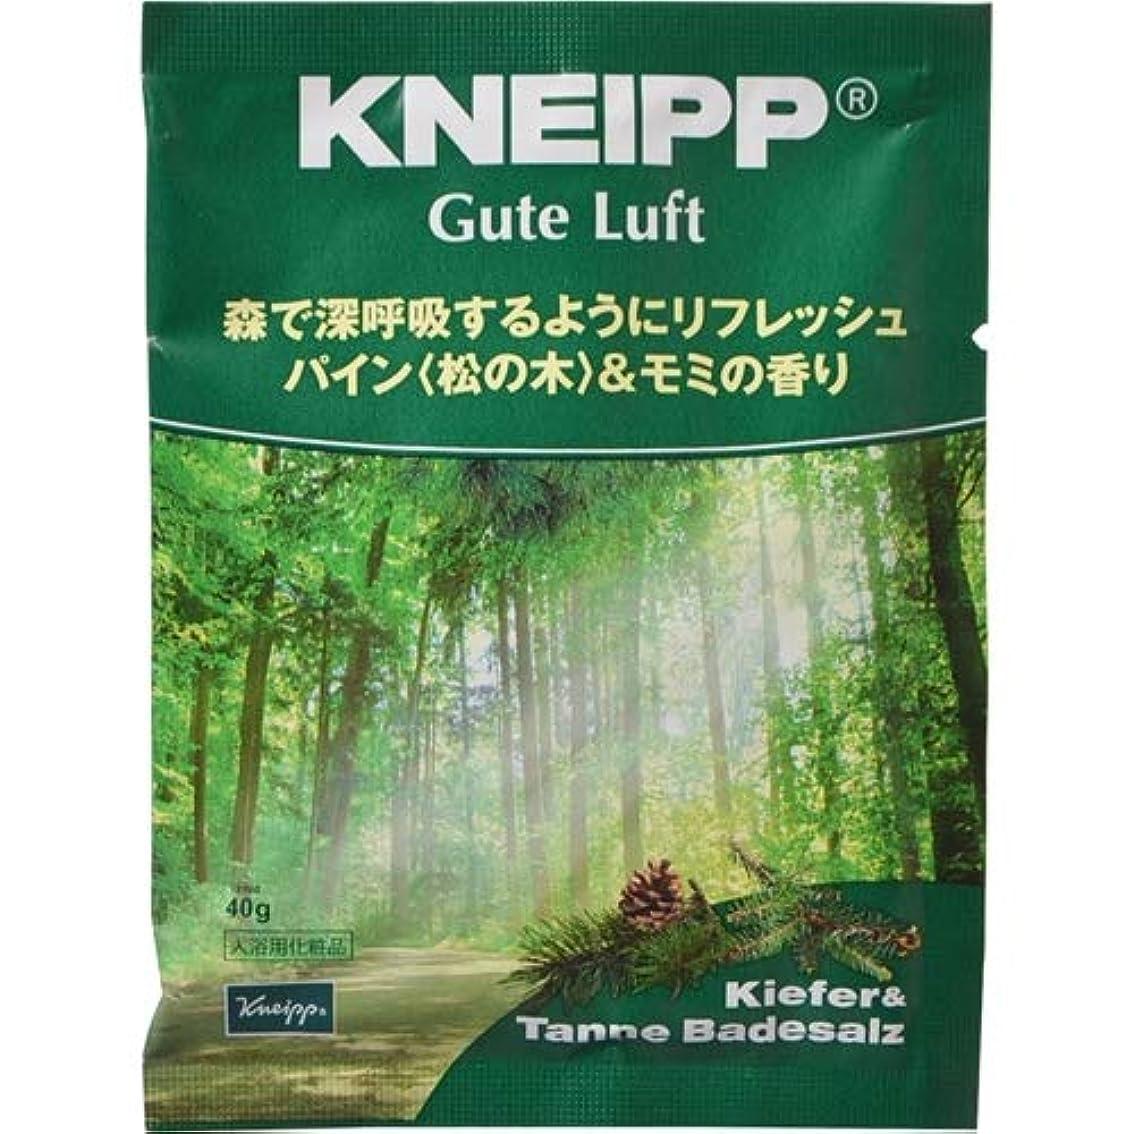 ファーム蓮リハーサルクナイプ?ジャパン クナイプ グーテルフト バスソルト パイン<松の木>&モミの香り 40g